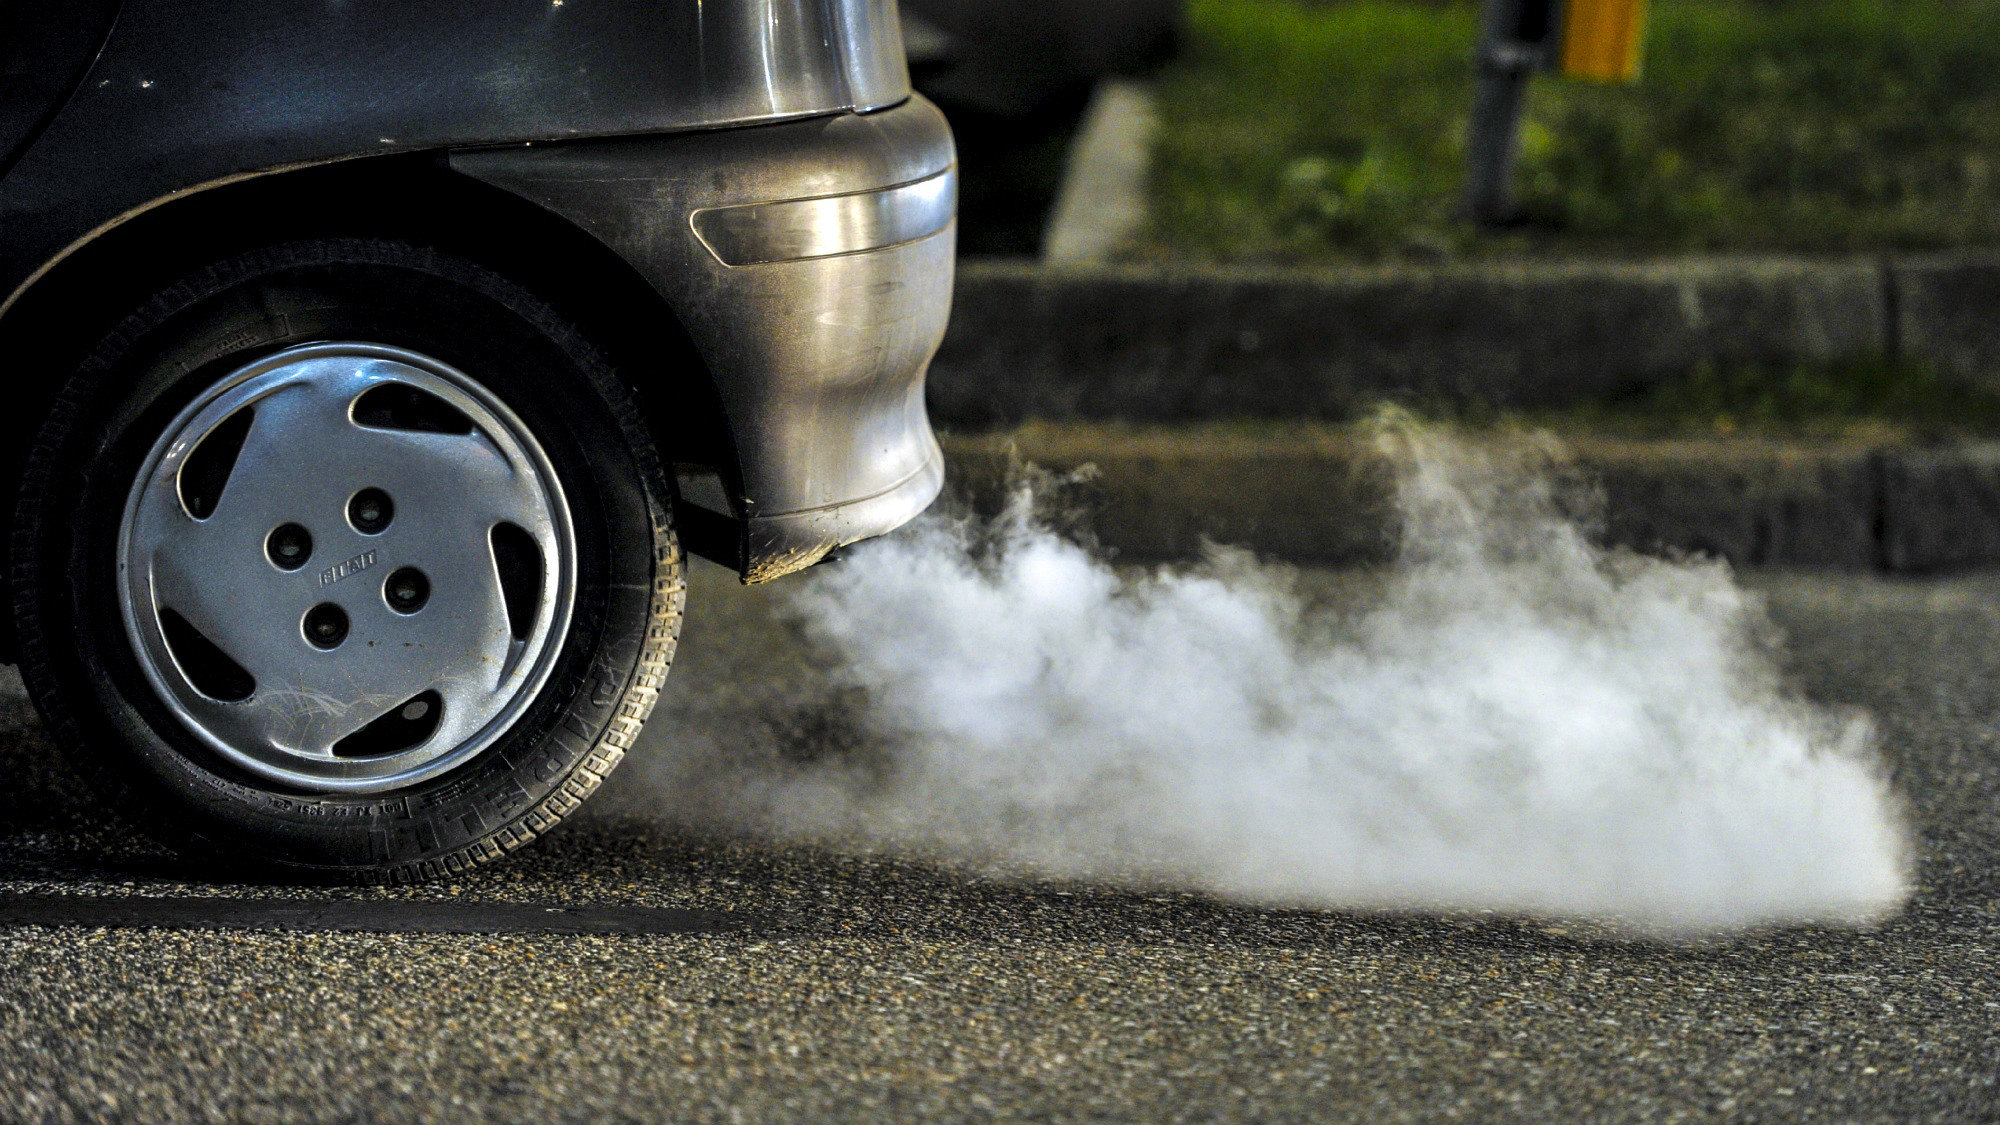 Snížení rychlosti ve městech nezpůsobí snížení emisí